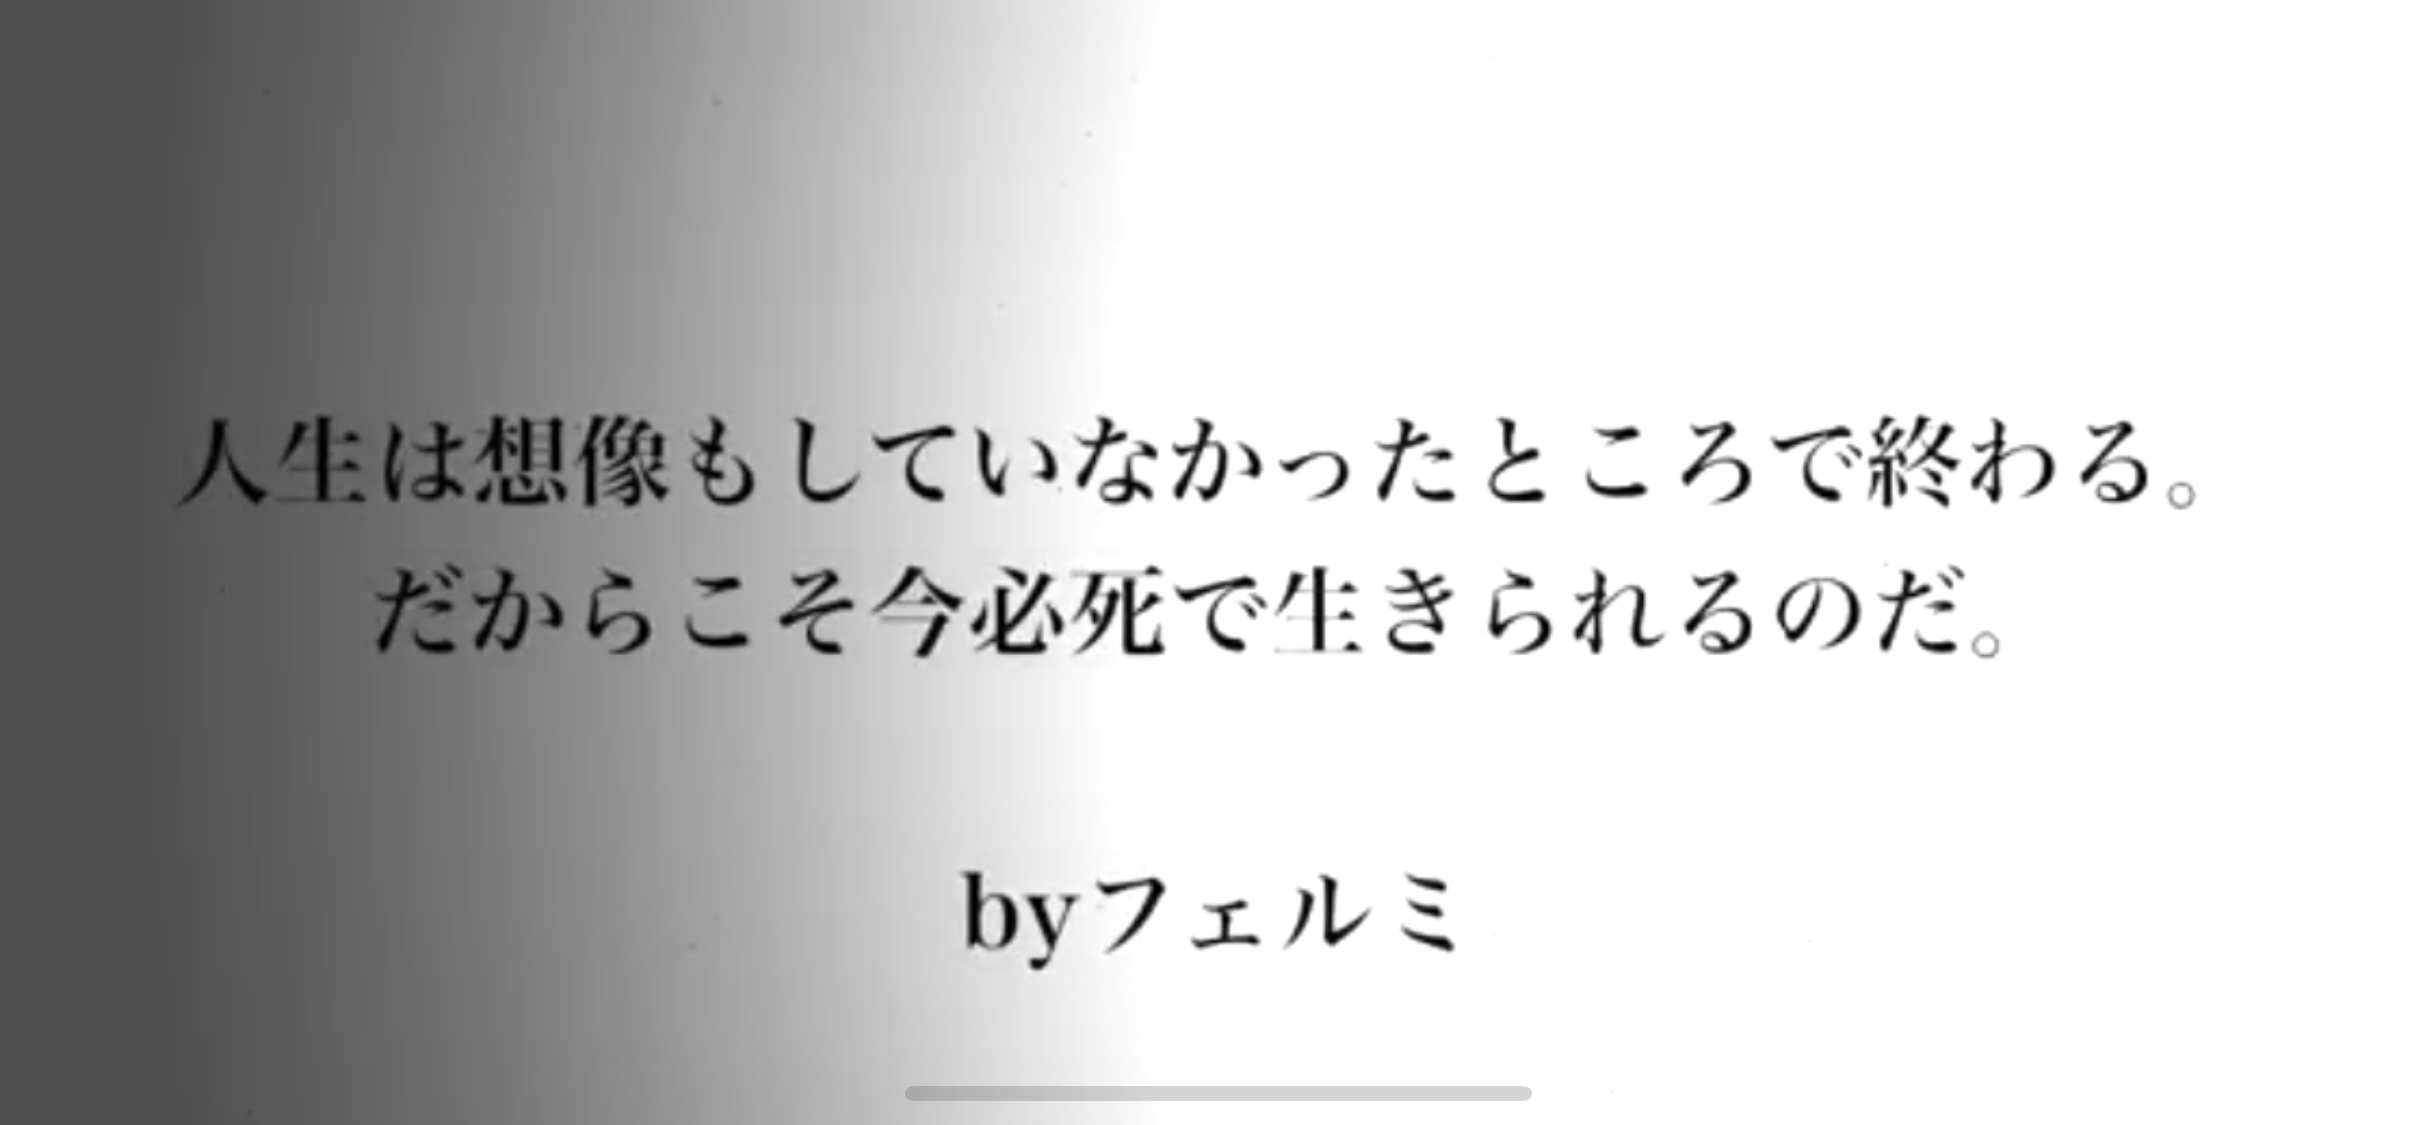 名言 所 フェルミ 研究